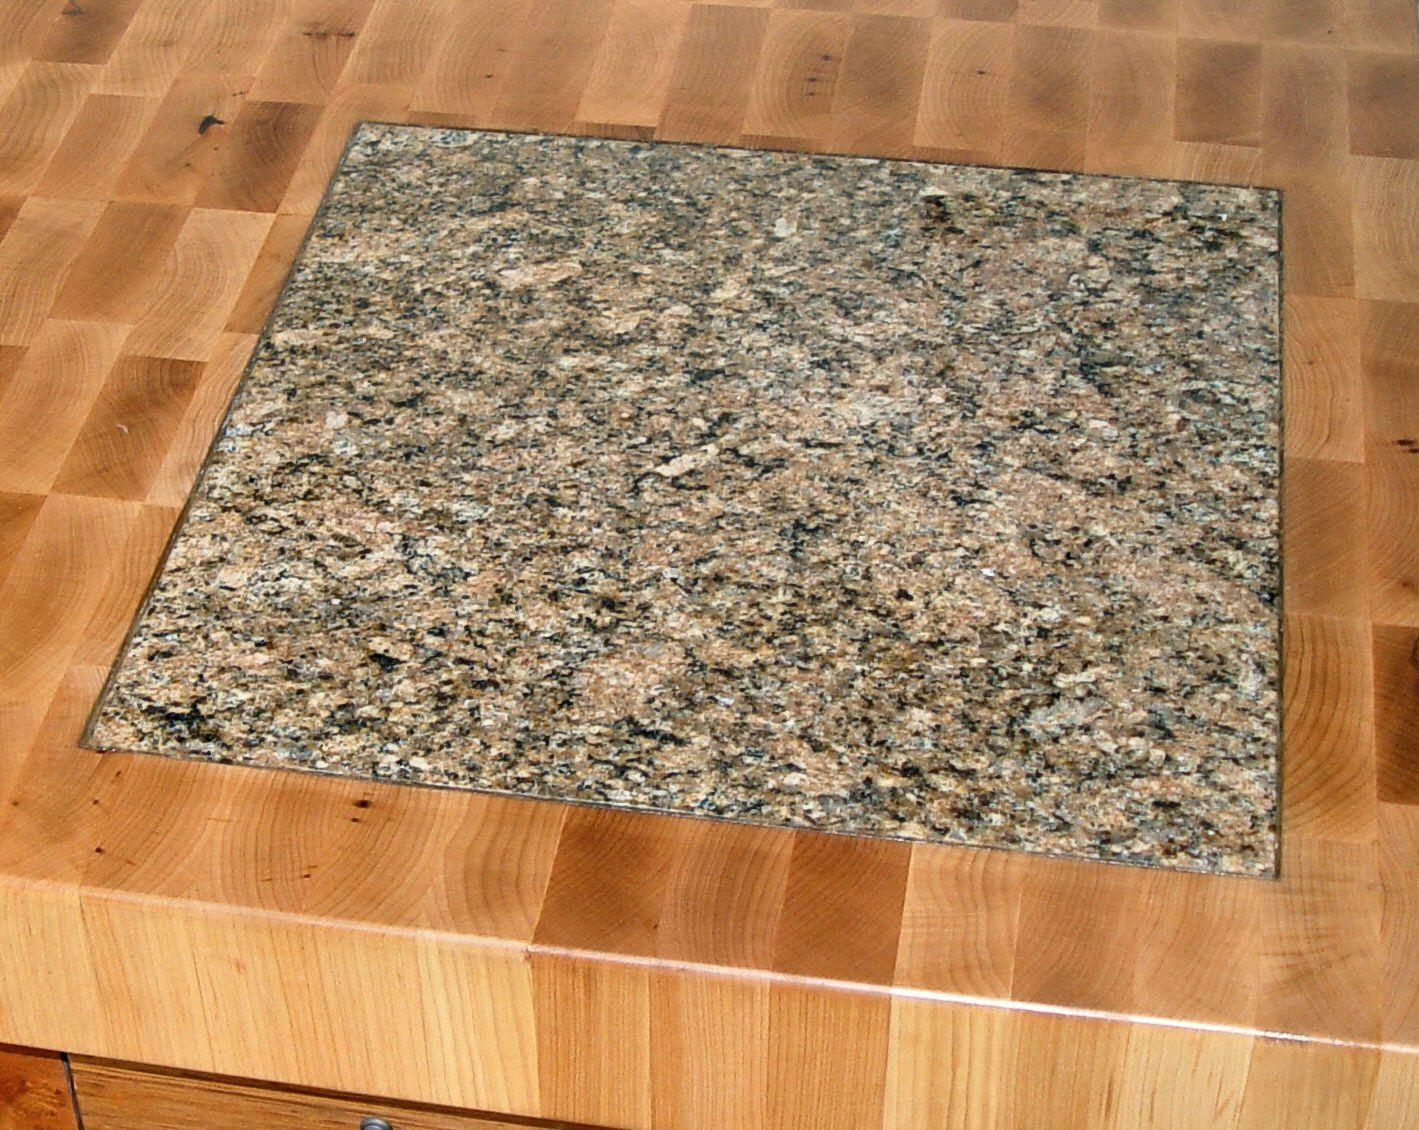 Custom Wood Countertop Options Marble Granite And